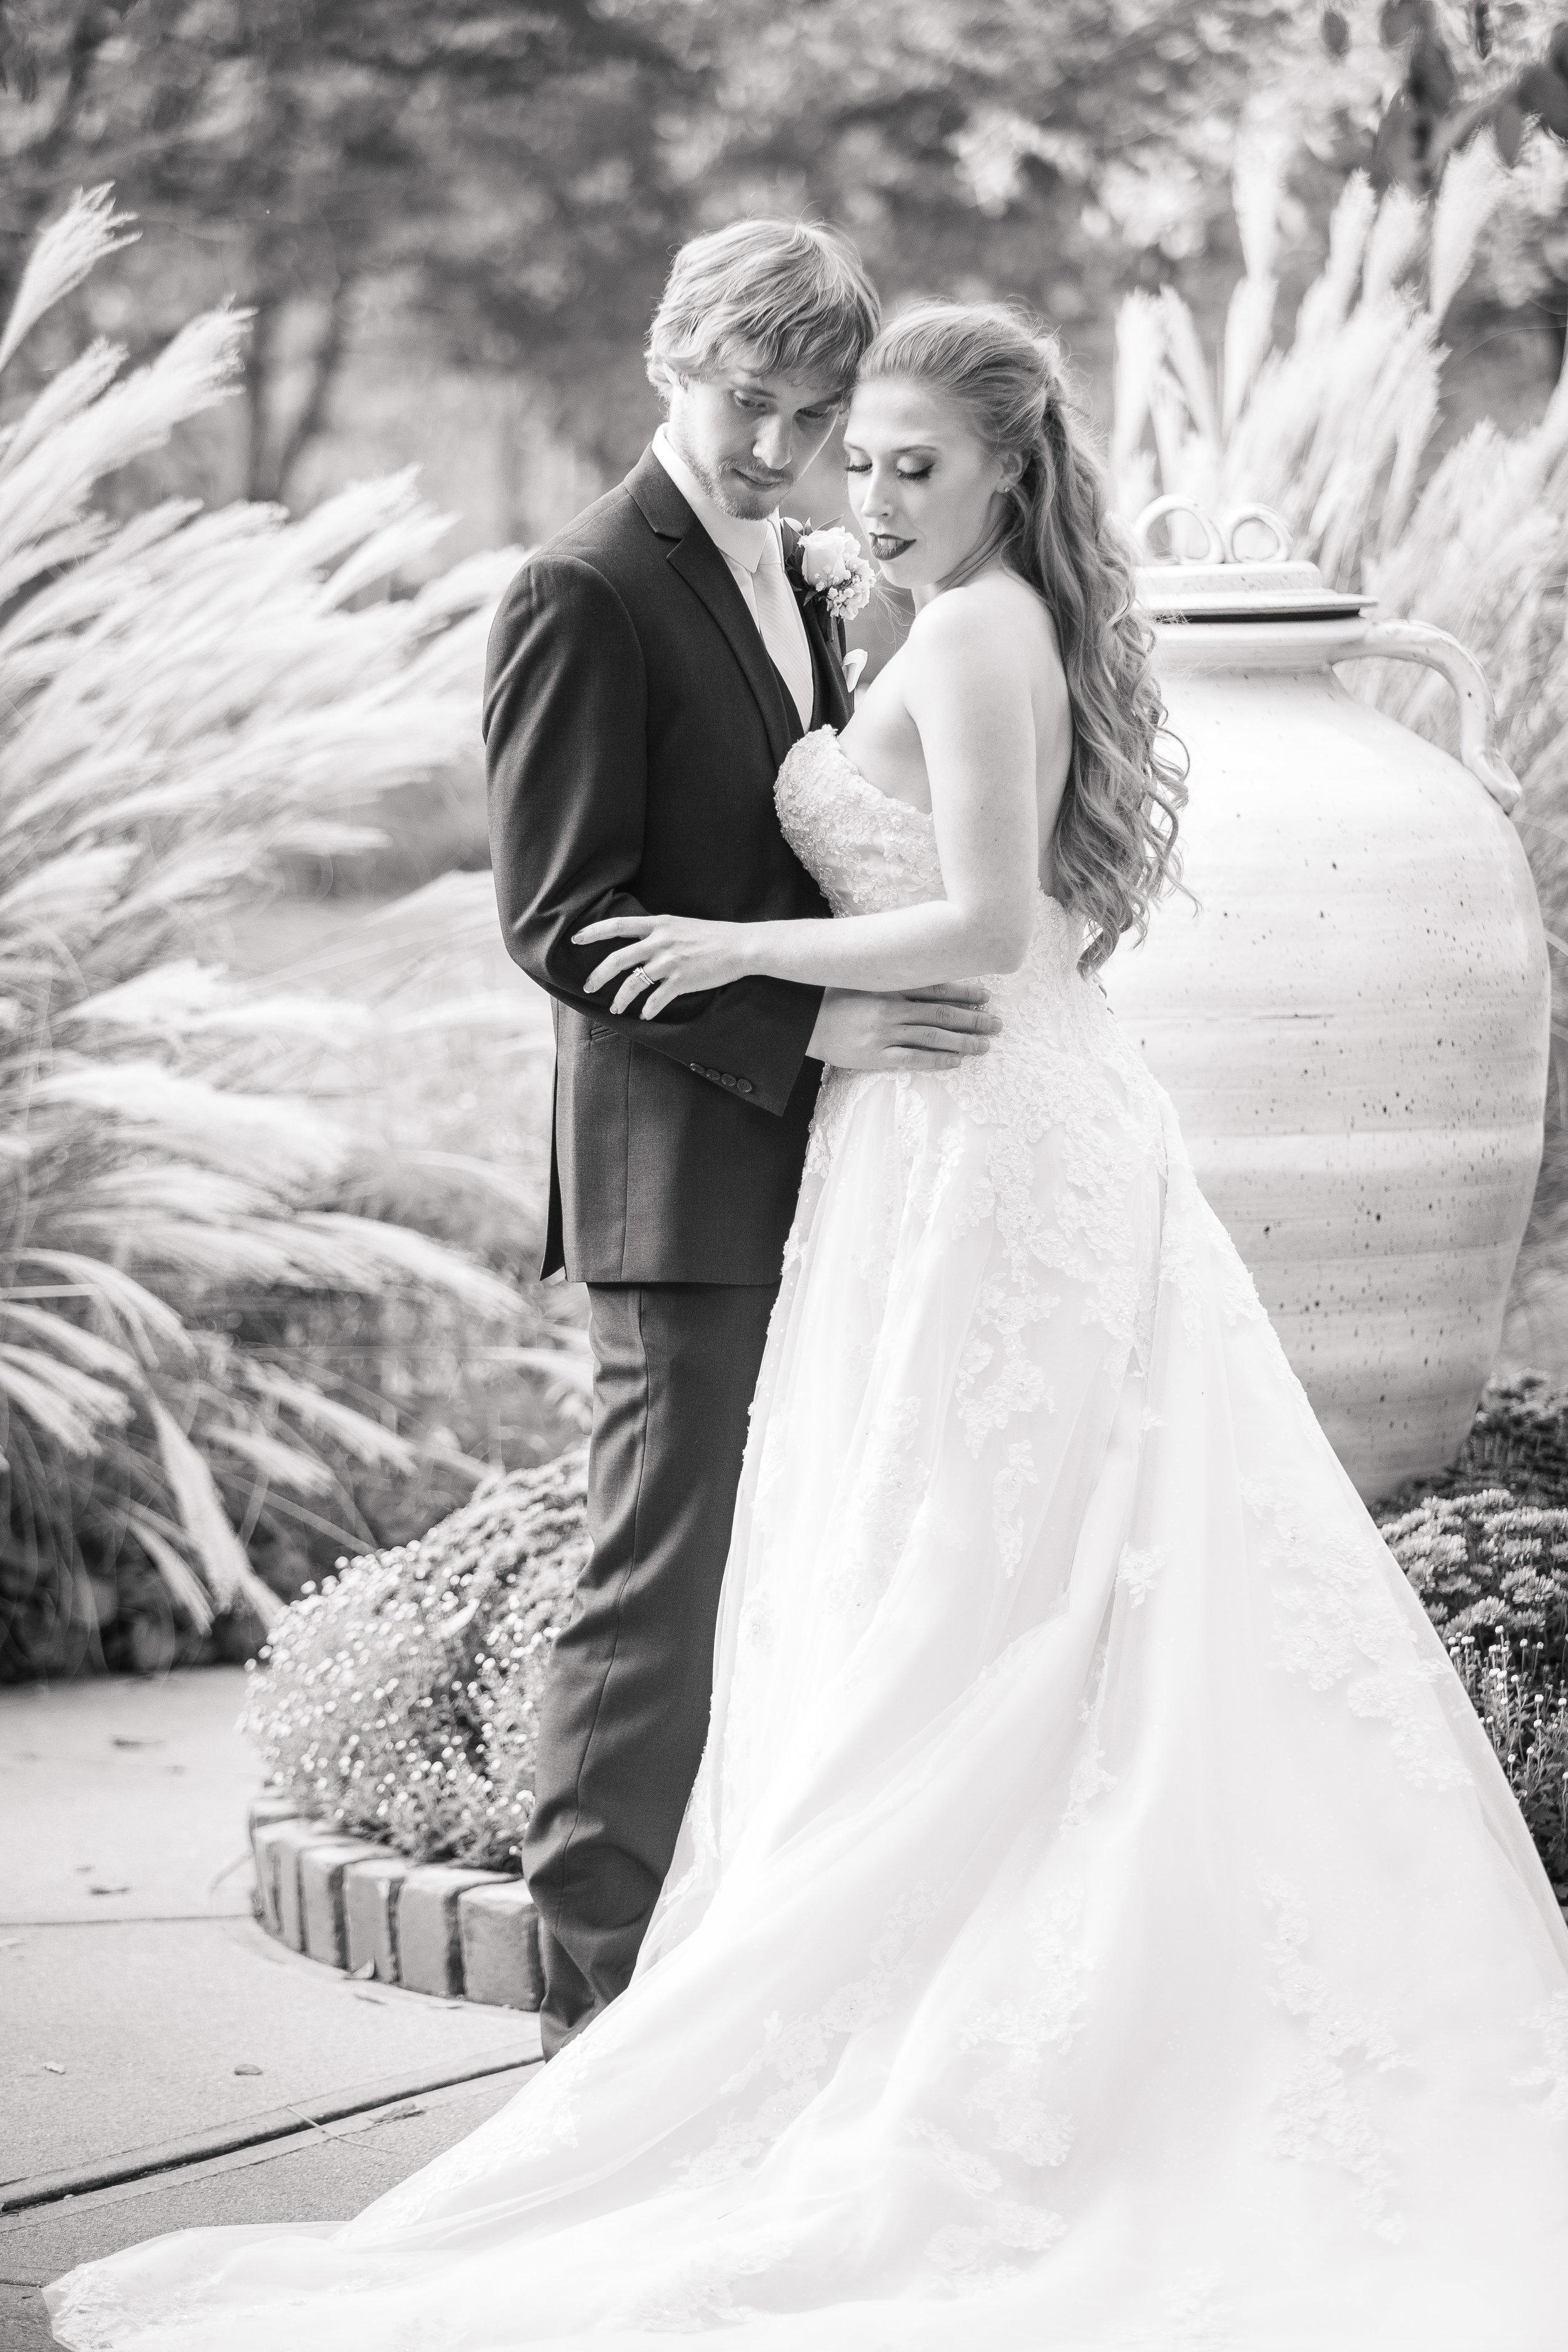 C_Wedding_Spellman, Megan & Tyler_10.27.18-800.JPG